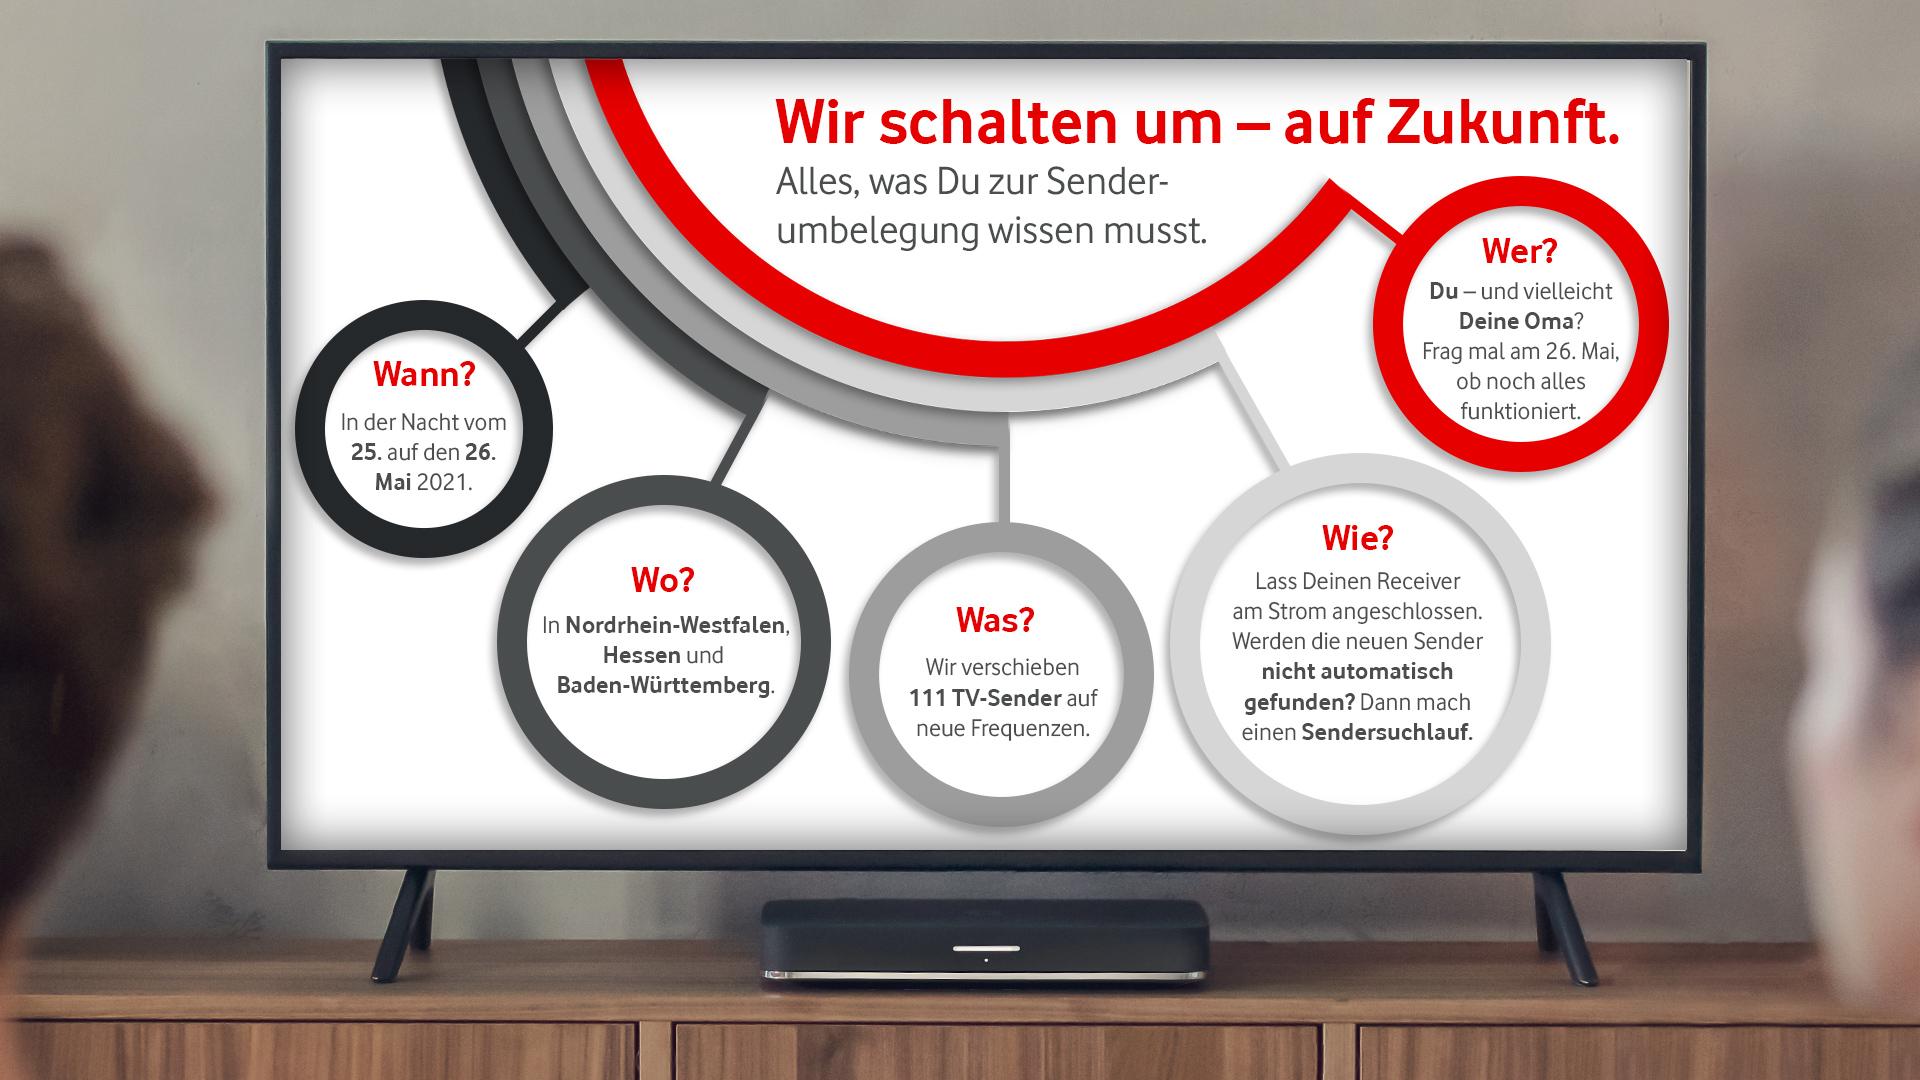 Eine Infografik zur Senderumstellung im Vodafone Kabelnetz.